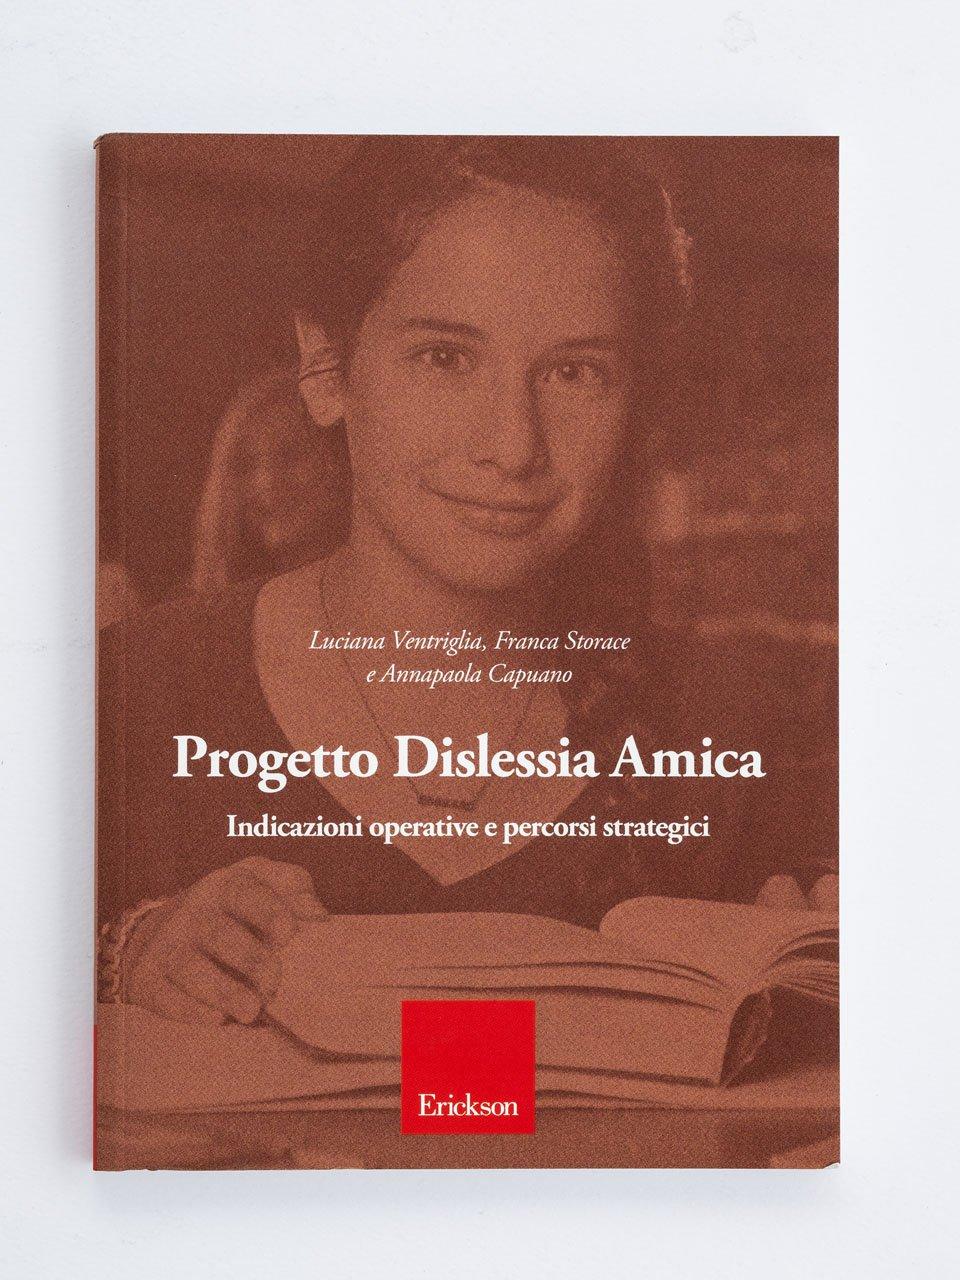 Progetto Dislessia Amica - Libri e corsi su DSA e disturbi specifici dell'apprendimento - Erickson